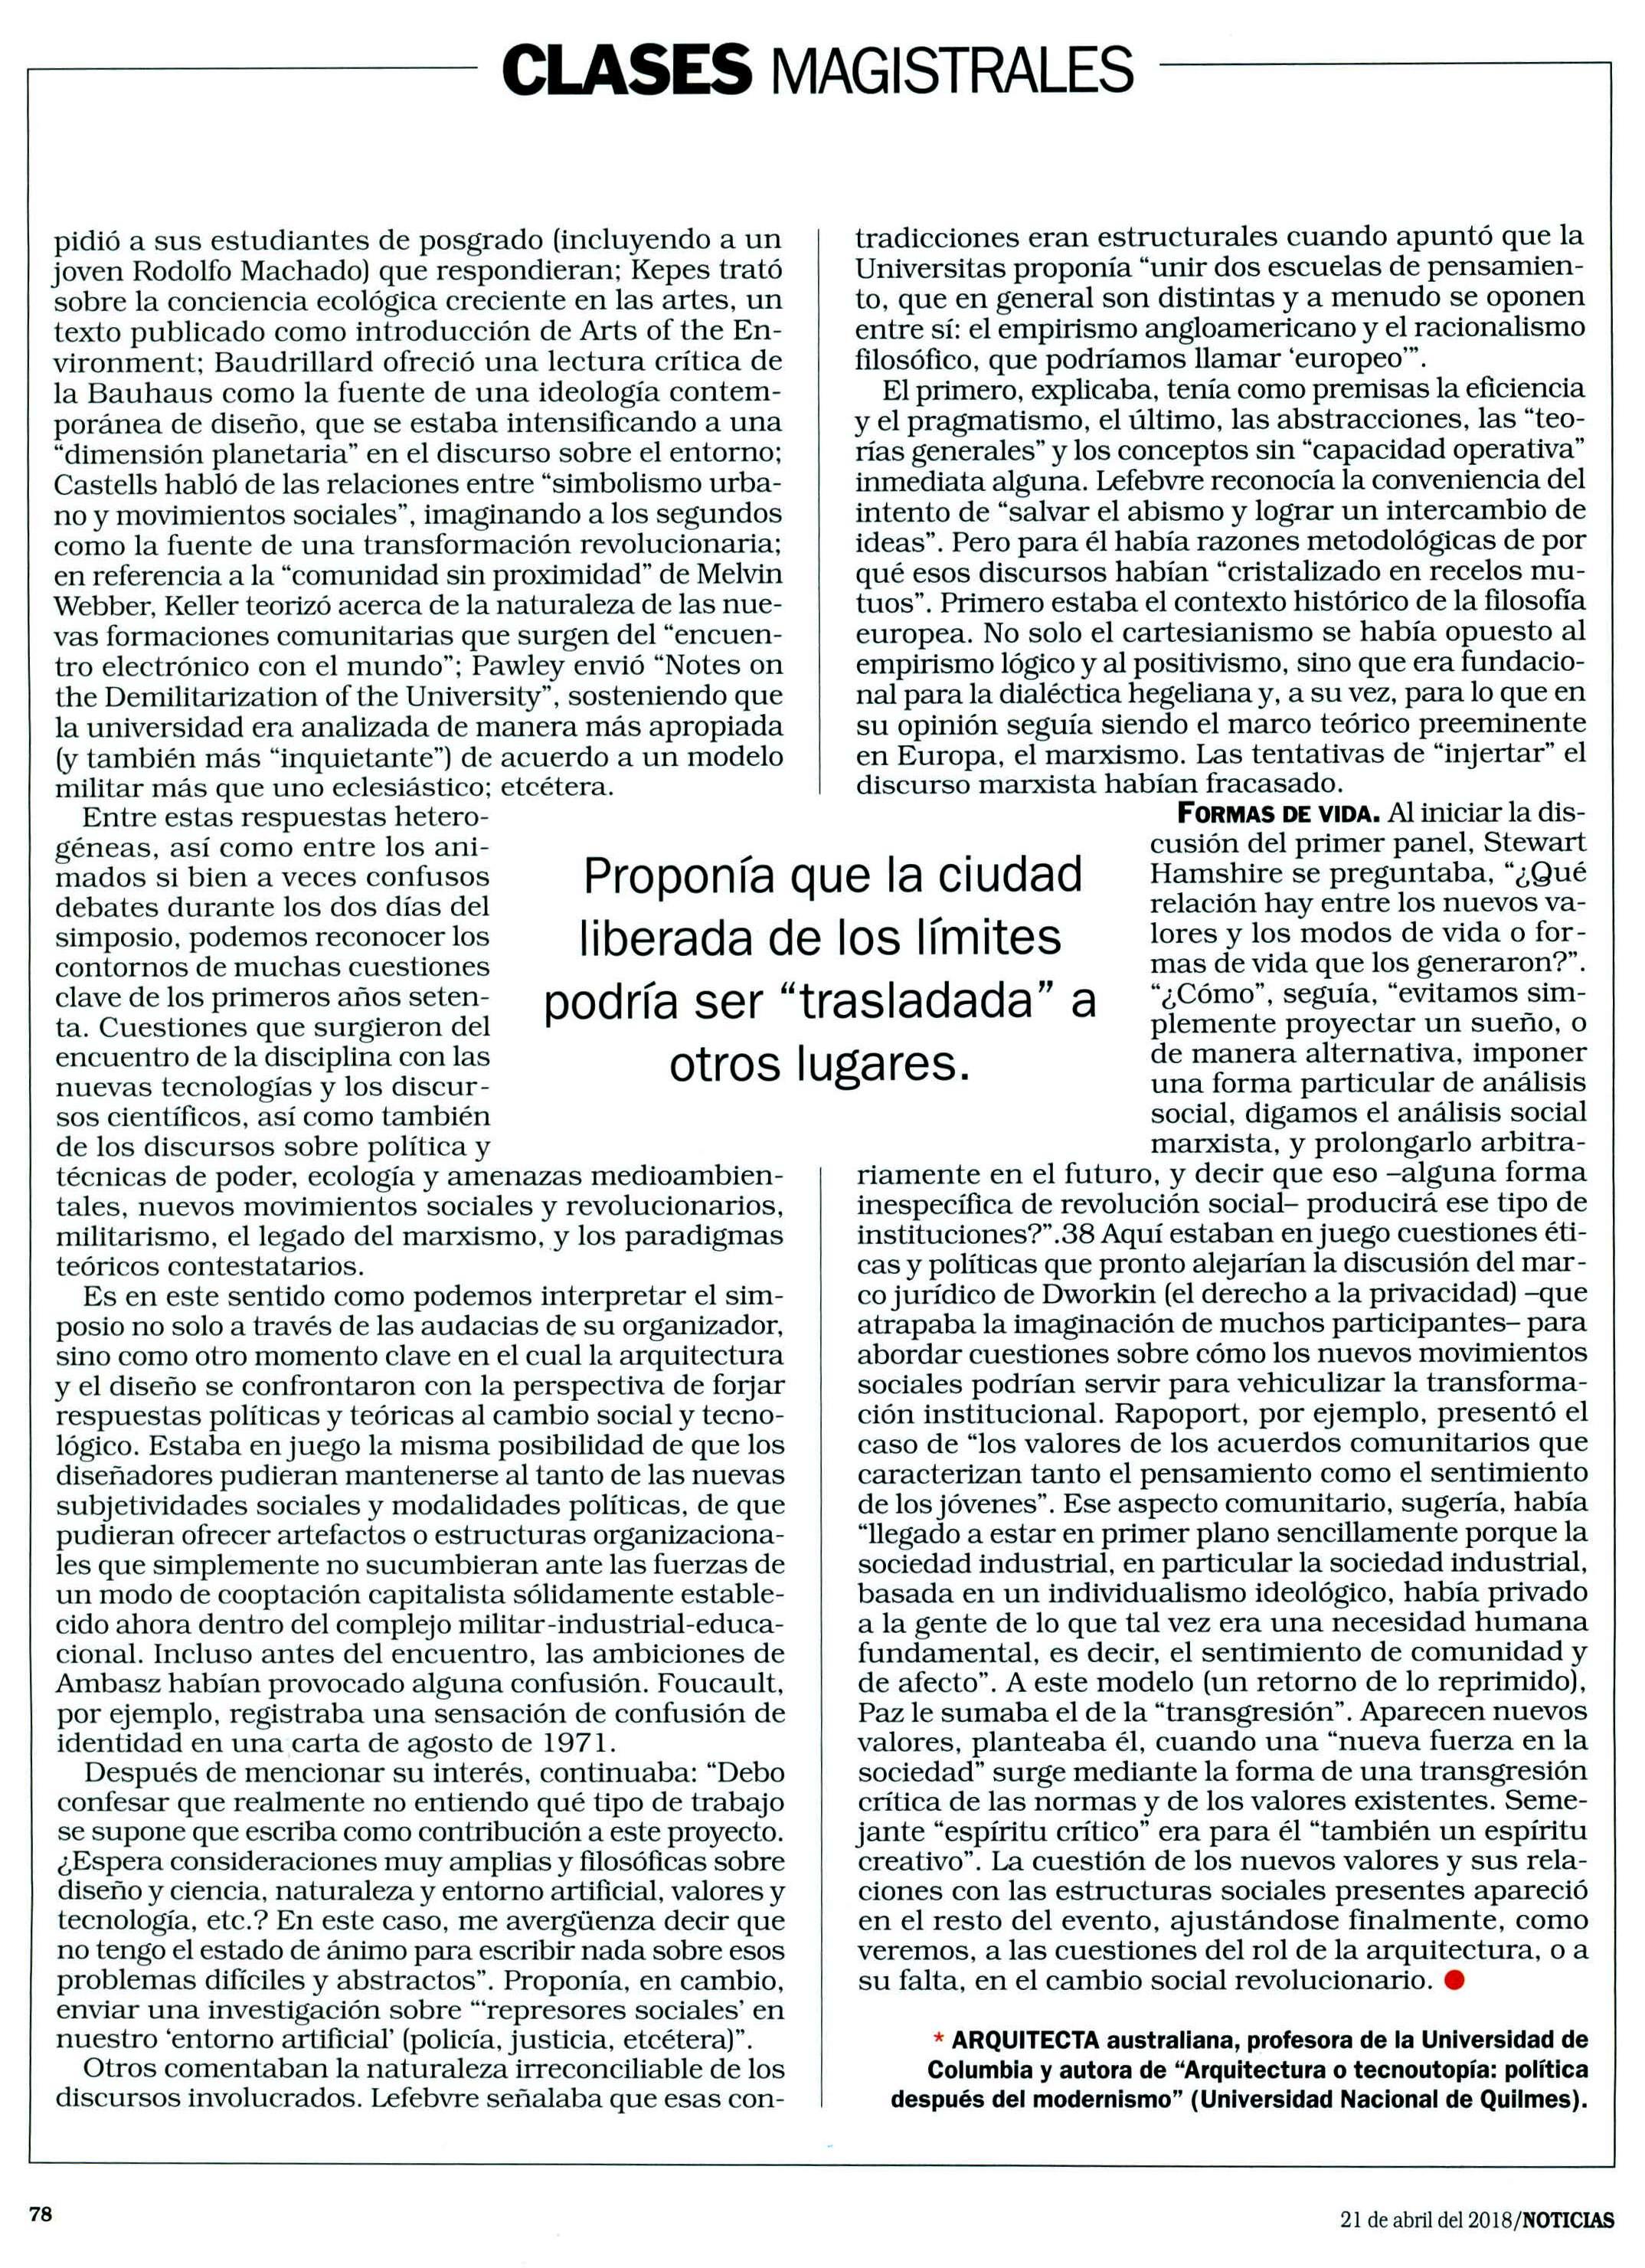 NOTICIAS, 21 DE ABR.6